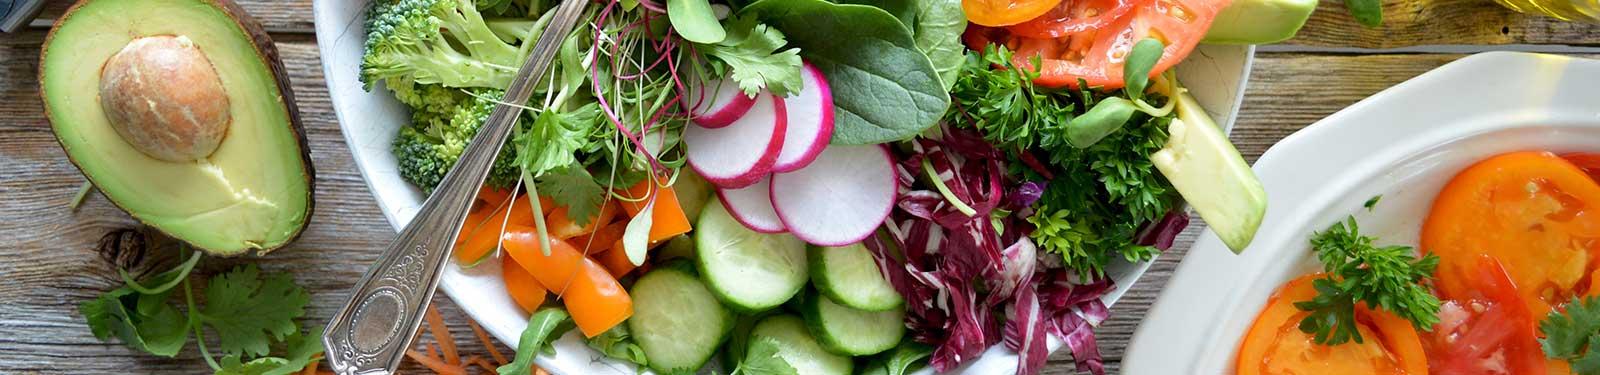 micronutrientes importantes para el cuerpo